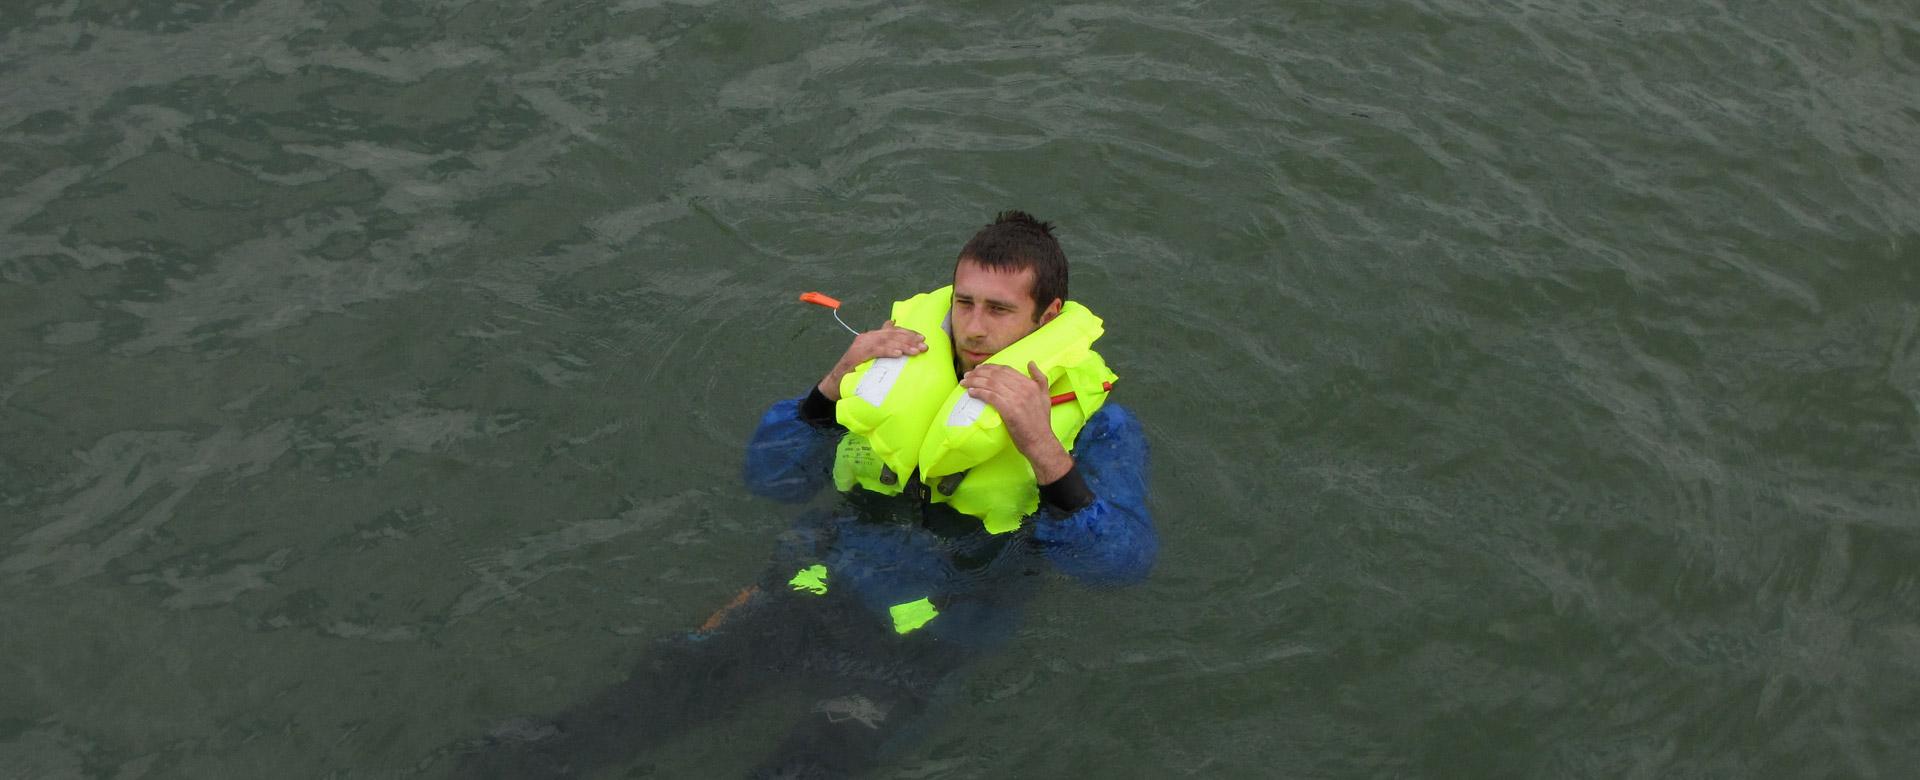 life-jacket-slide-1